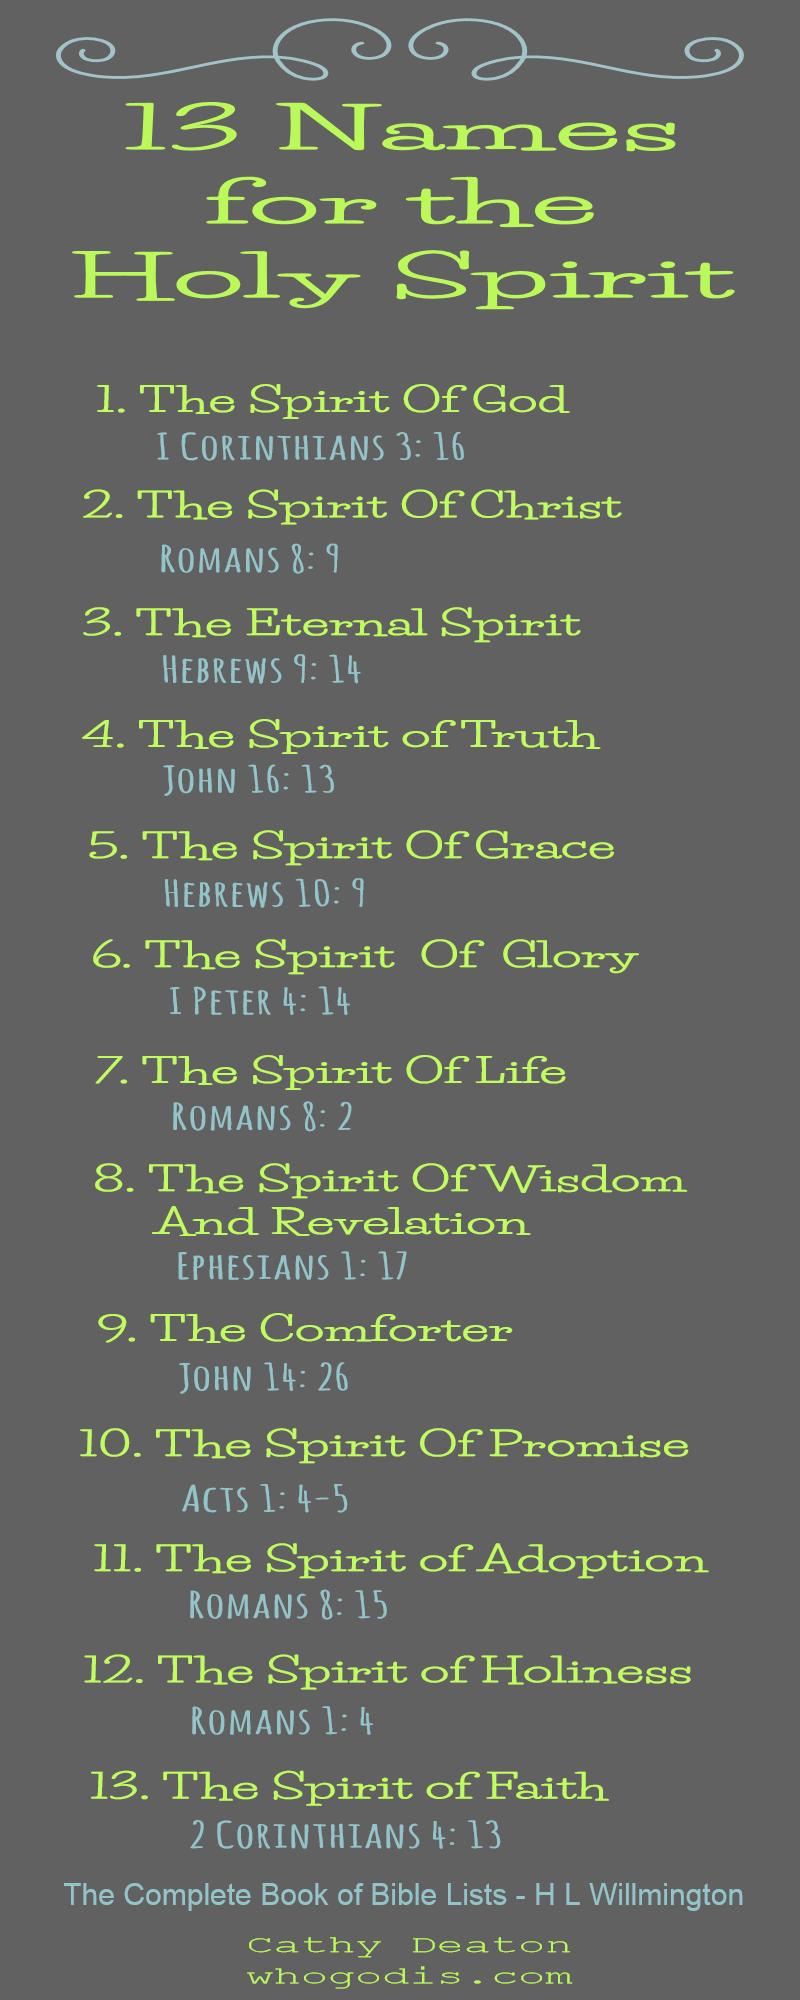 13-Names-For-Holy-Spirit